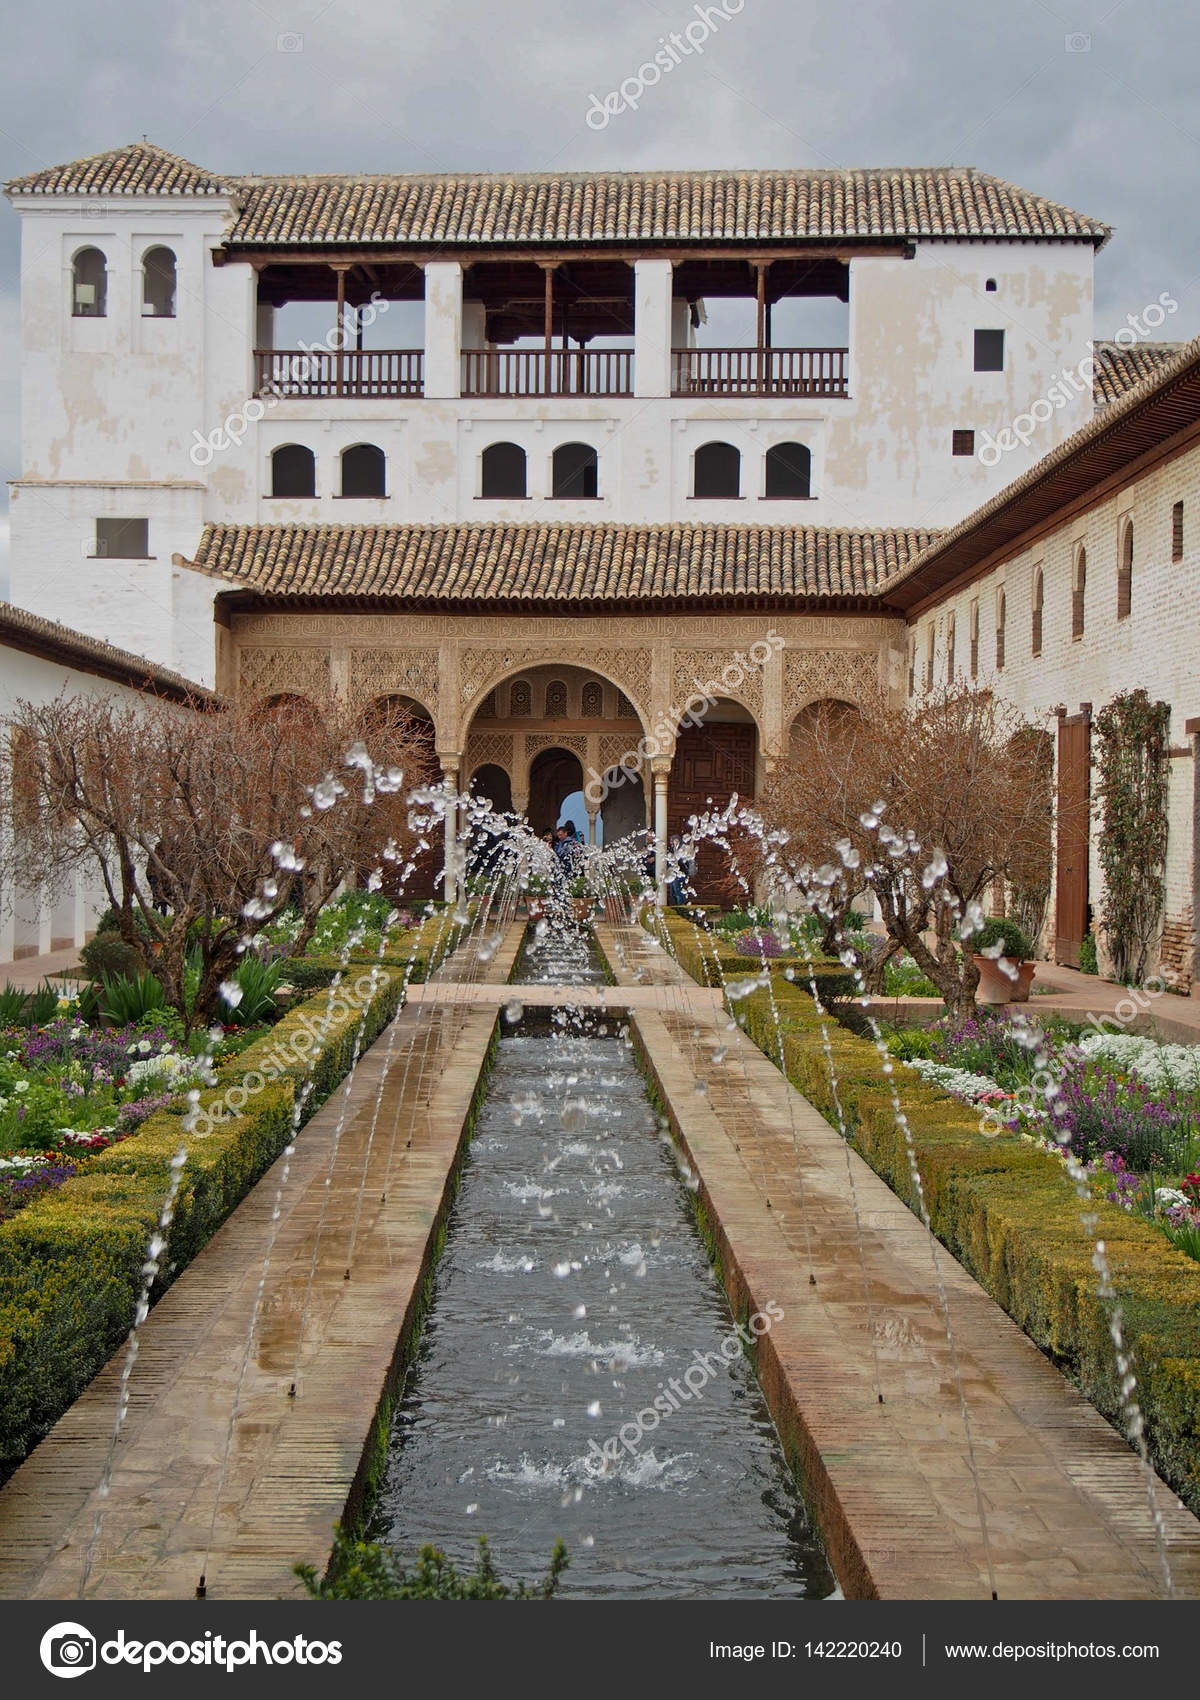 Amazing Eine Dekorative Brunnen Besprühen Mit Wasser Im Inneren Der Festung  Alhambra In Granada, Spanien U2014 Foto Von Nikkigensert@gmail.com